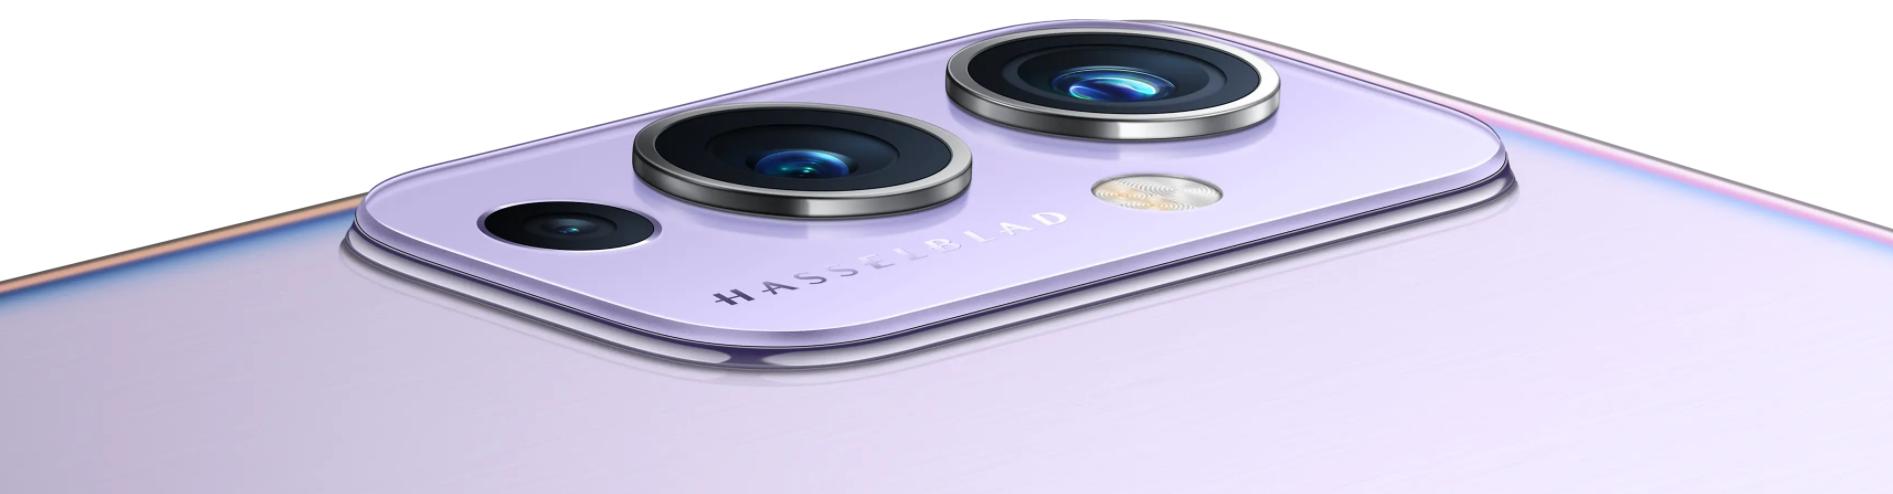 One Plus 9 camera